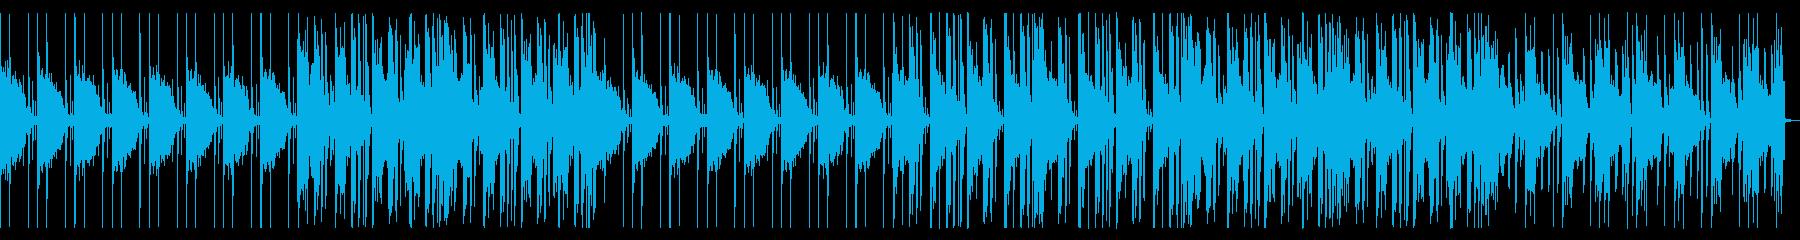 ビートの強いR&B_No673_1の再生済みの波形